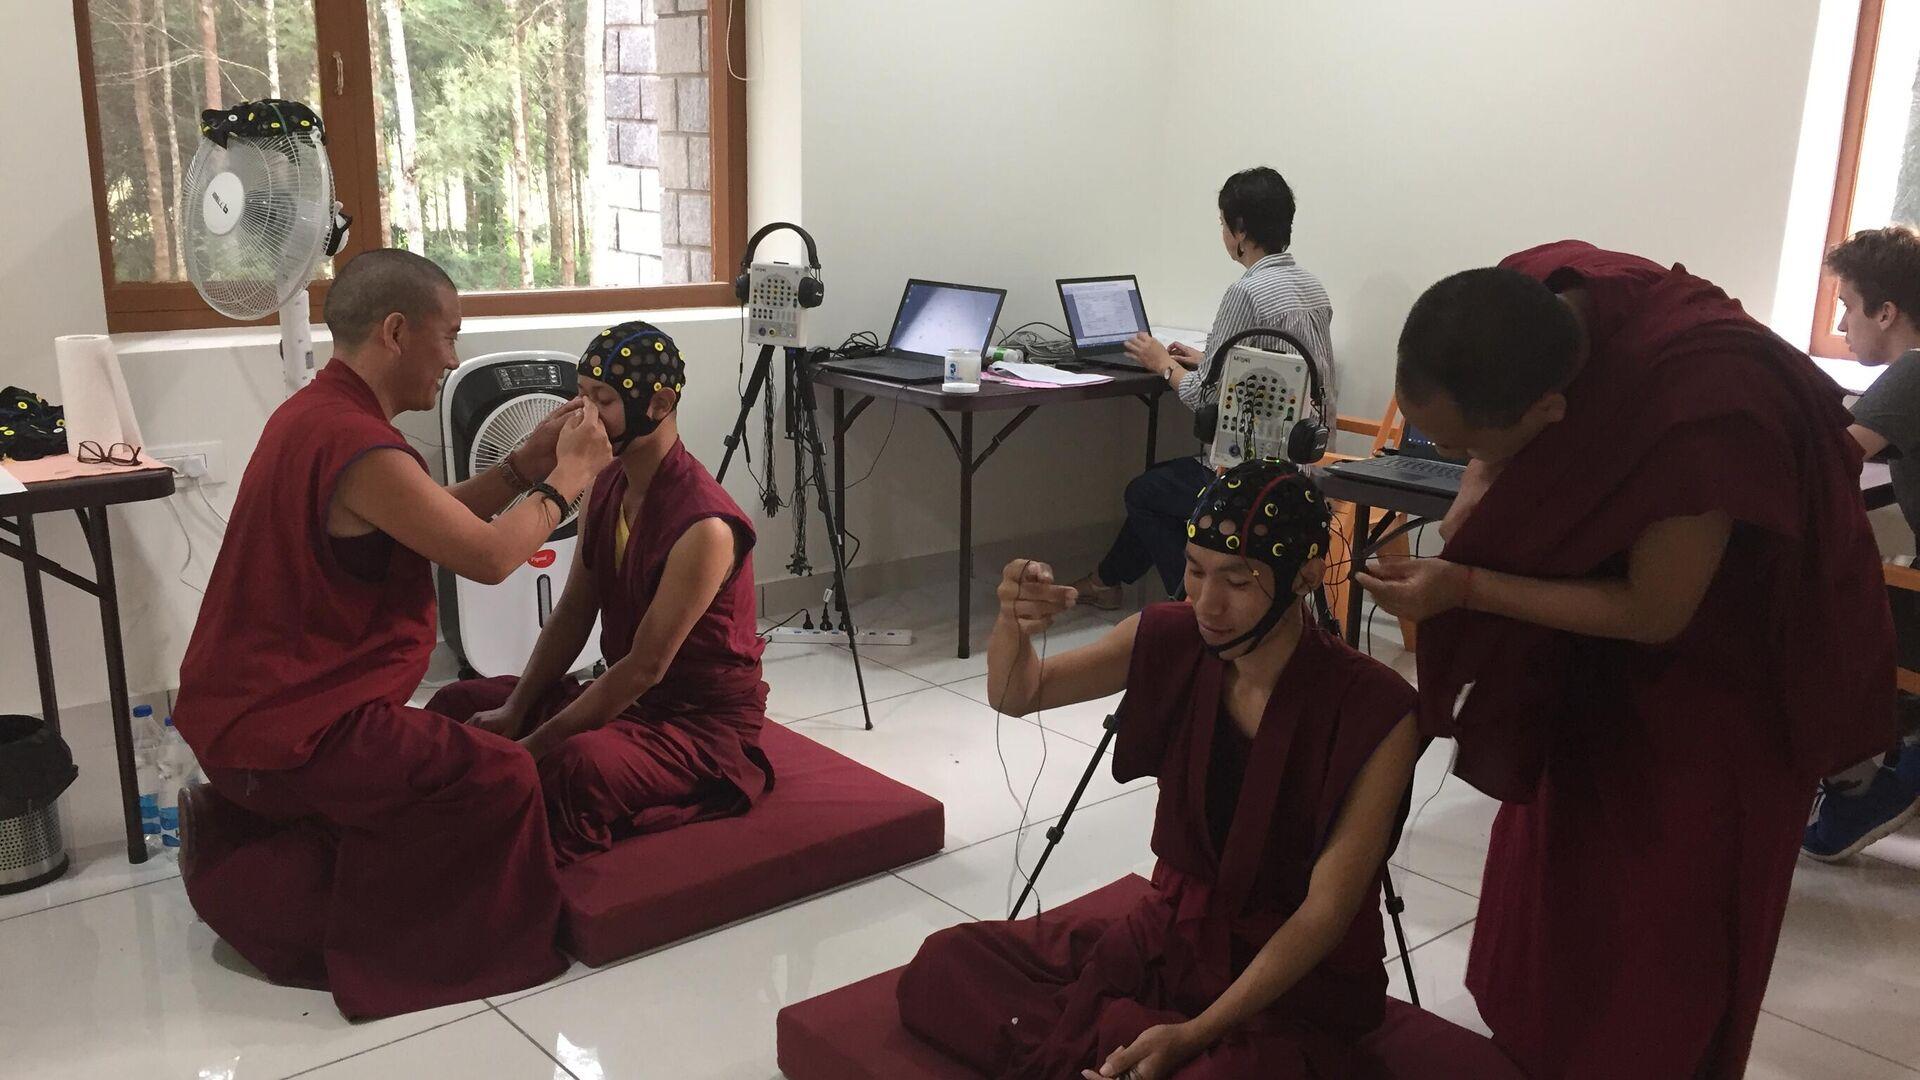 Буддийские монахи в открытом российскими учеными Центре исследований медитации и измененных состояний сознания в Индии - РИА Новости, 1920, 14.11.2019